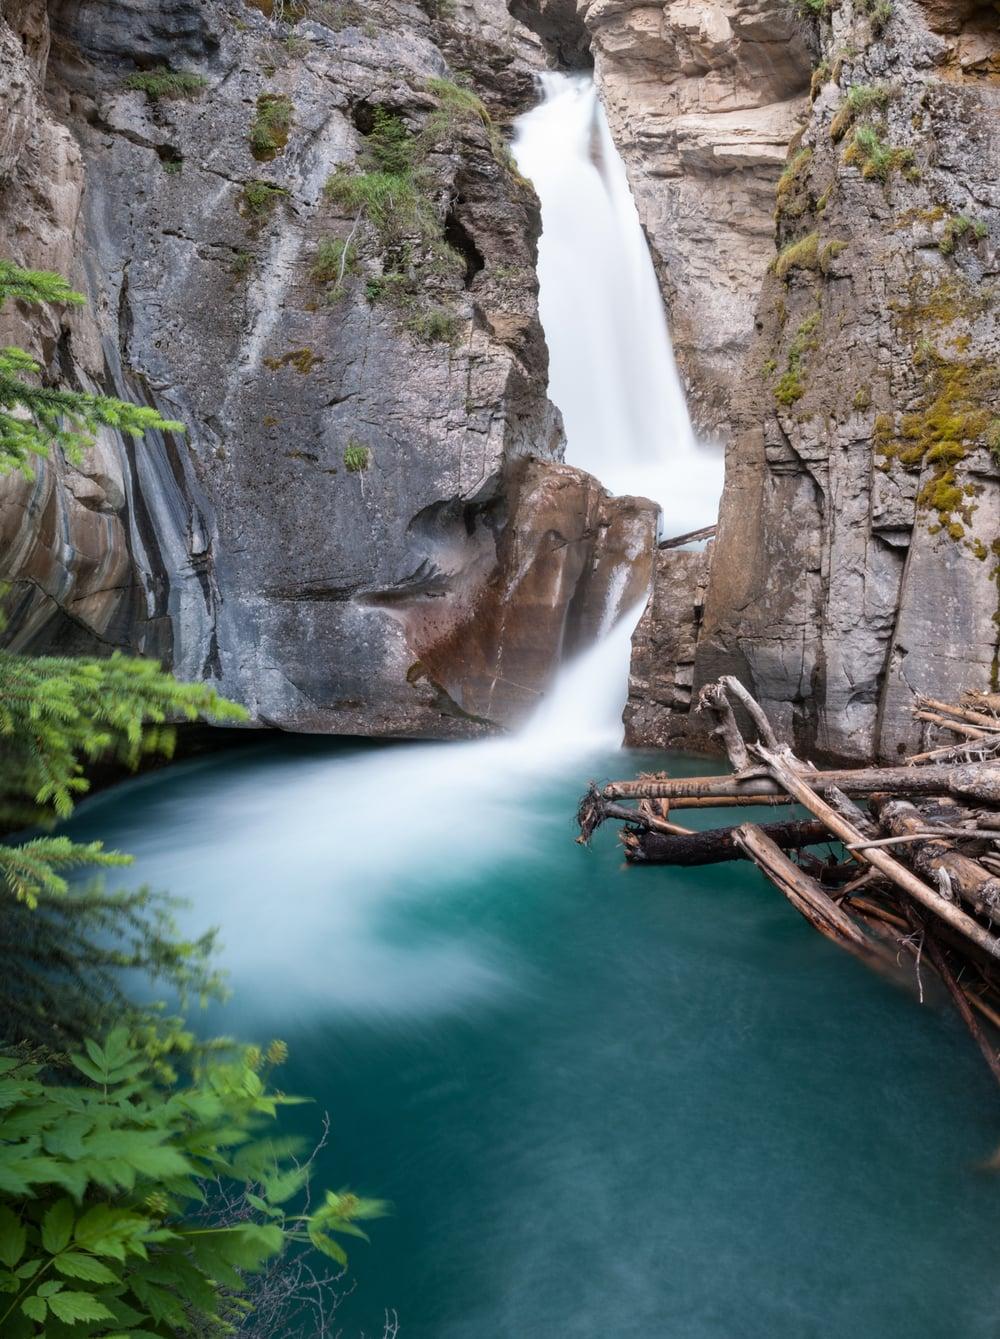 Johnston Falls, Banff National Park, July 2015